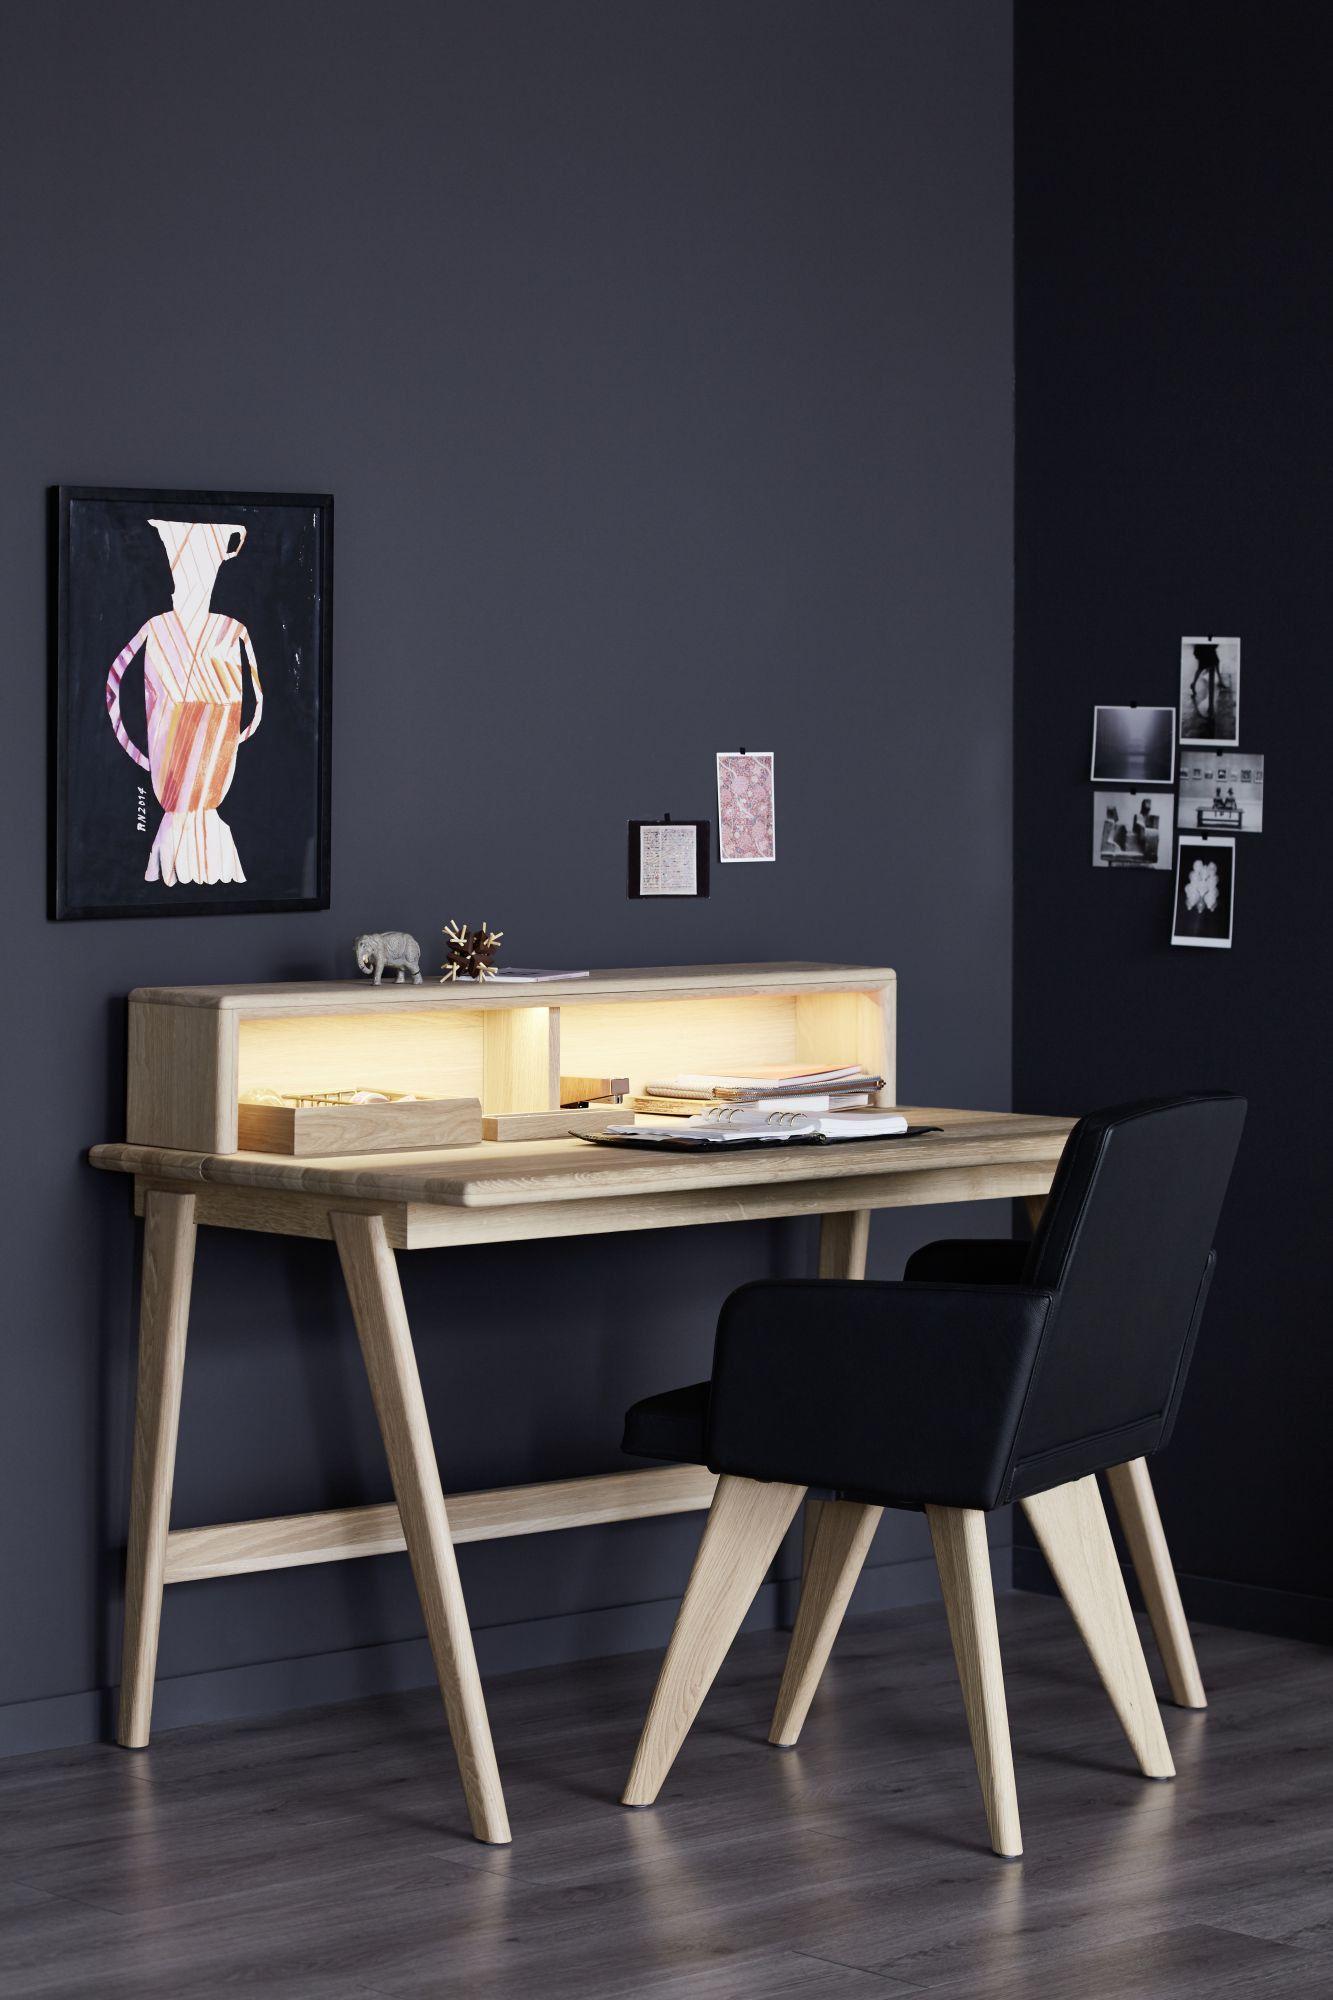 Schöner Wohnen Kollektion Sekretär Craft   Kommoden U0026 Sideboards   Wohnzimmer    Möbel #loft